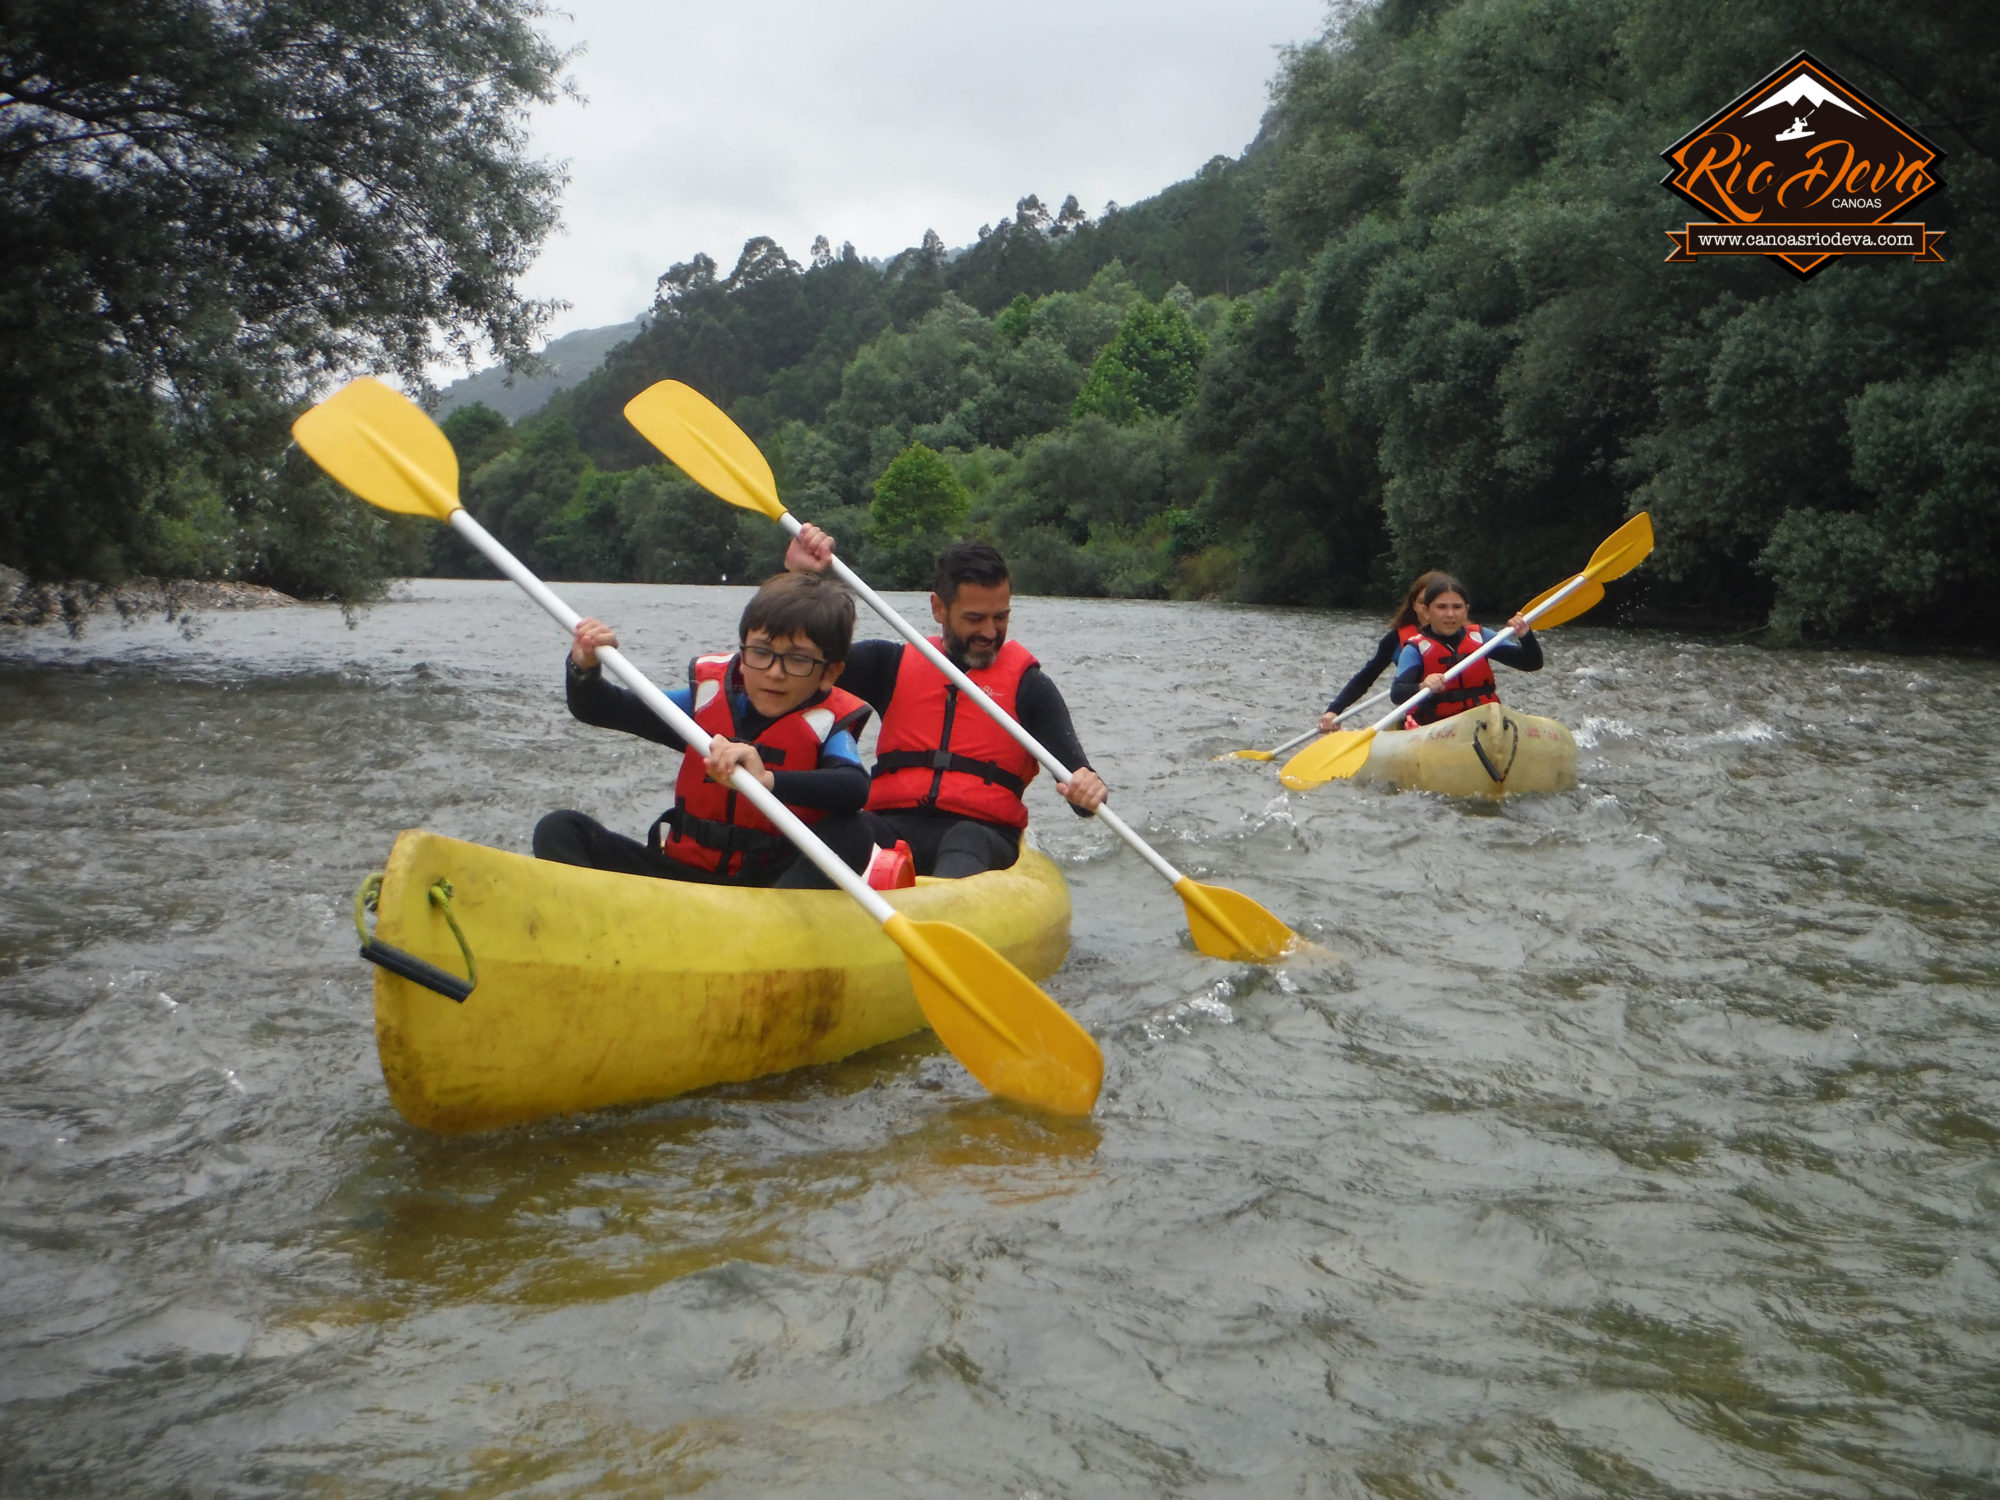 Descenso Canoas rio Deva